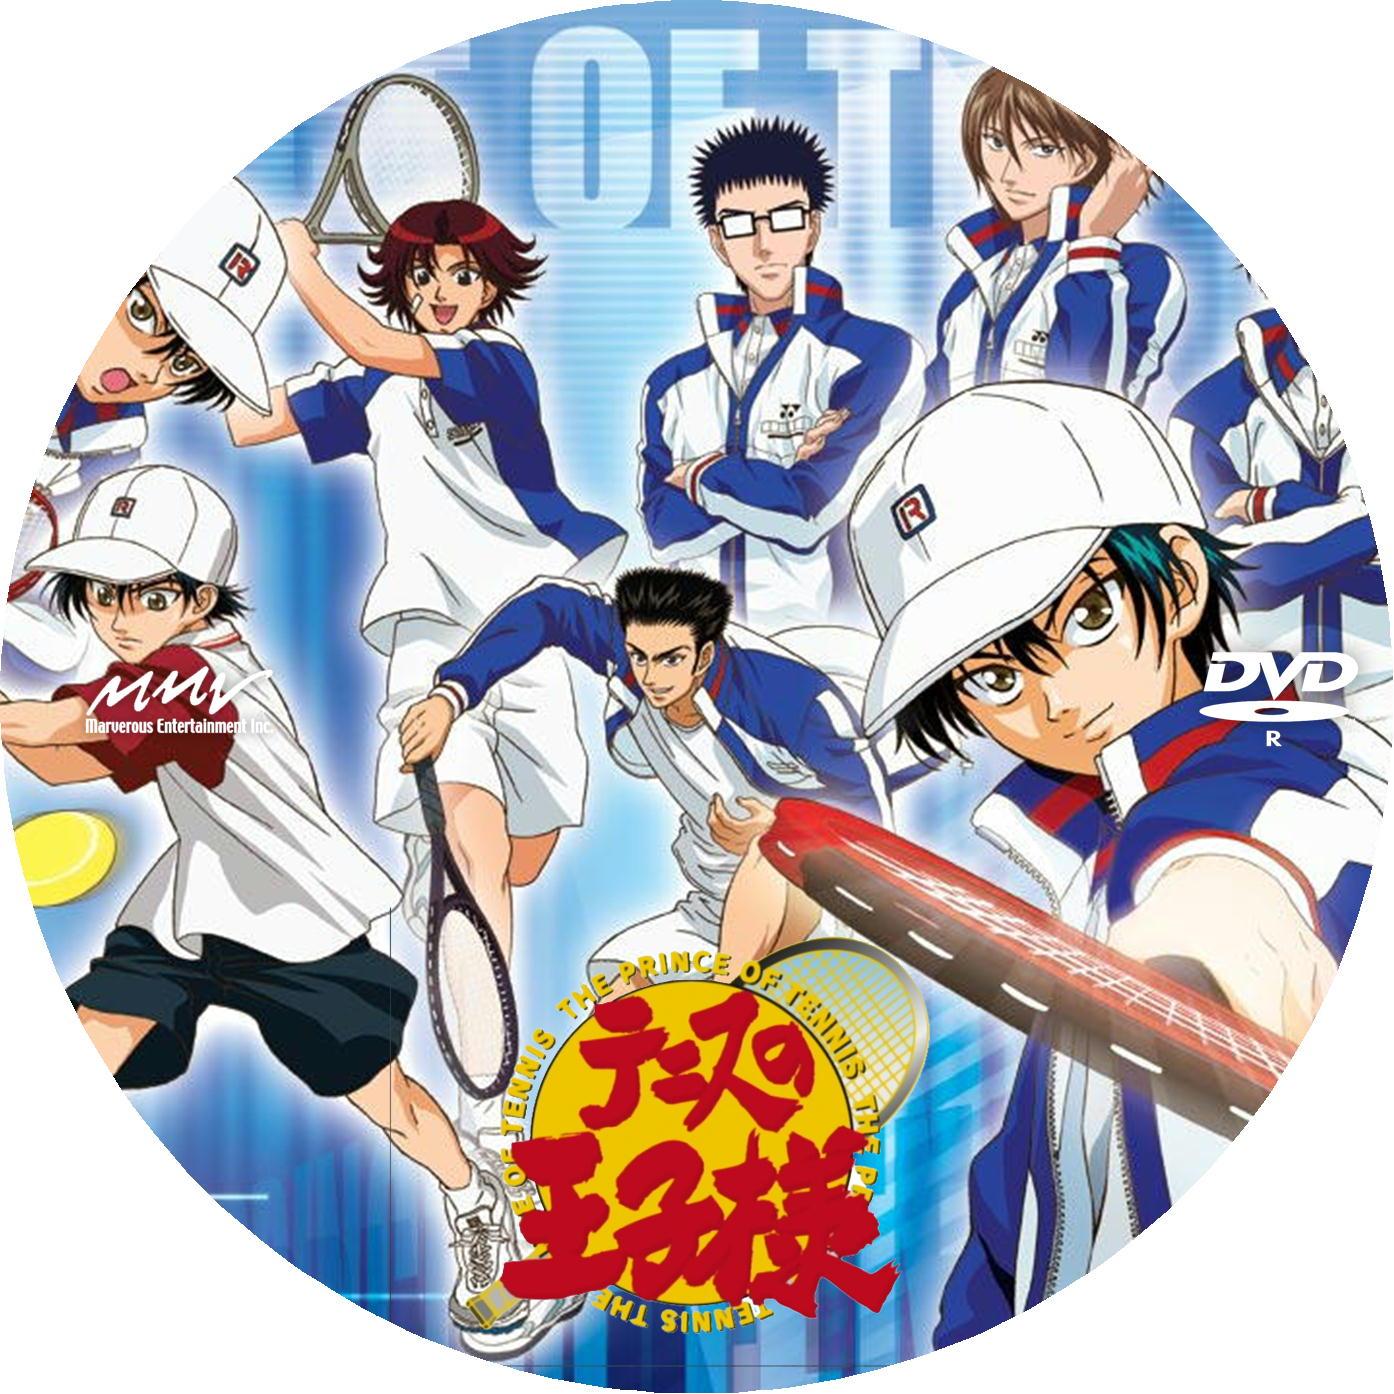 テニスの王子様 DVD FAN DISC The Best And The Brightest Remix バンダイ